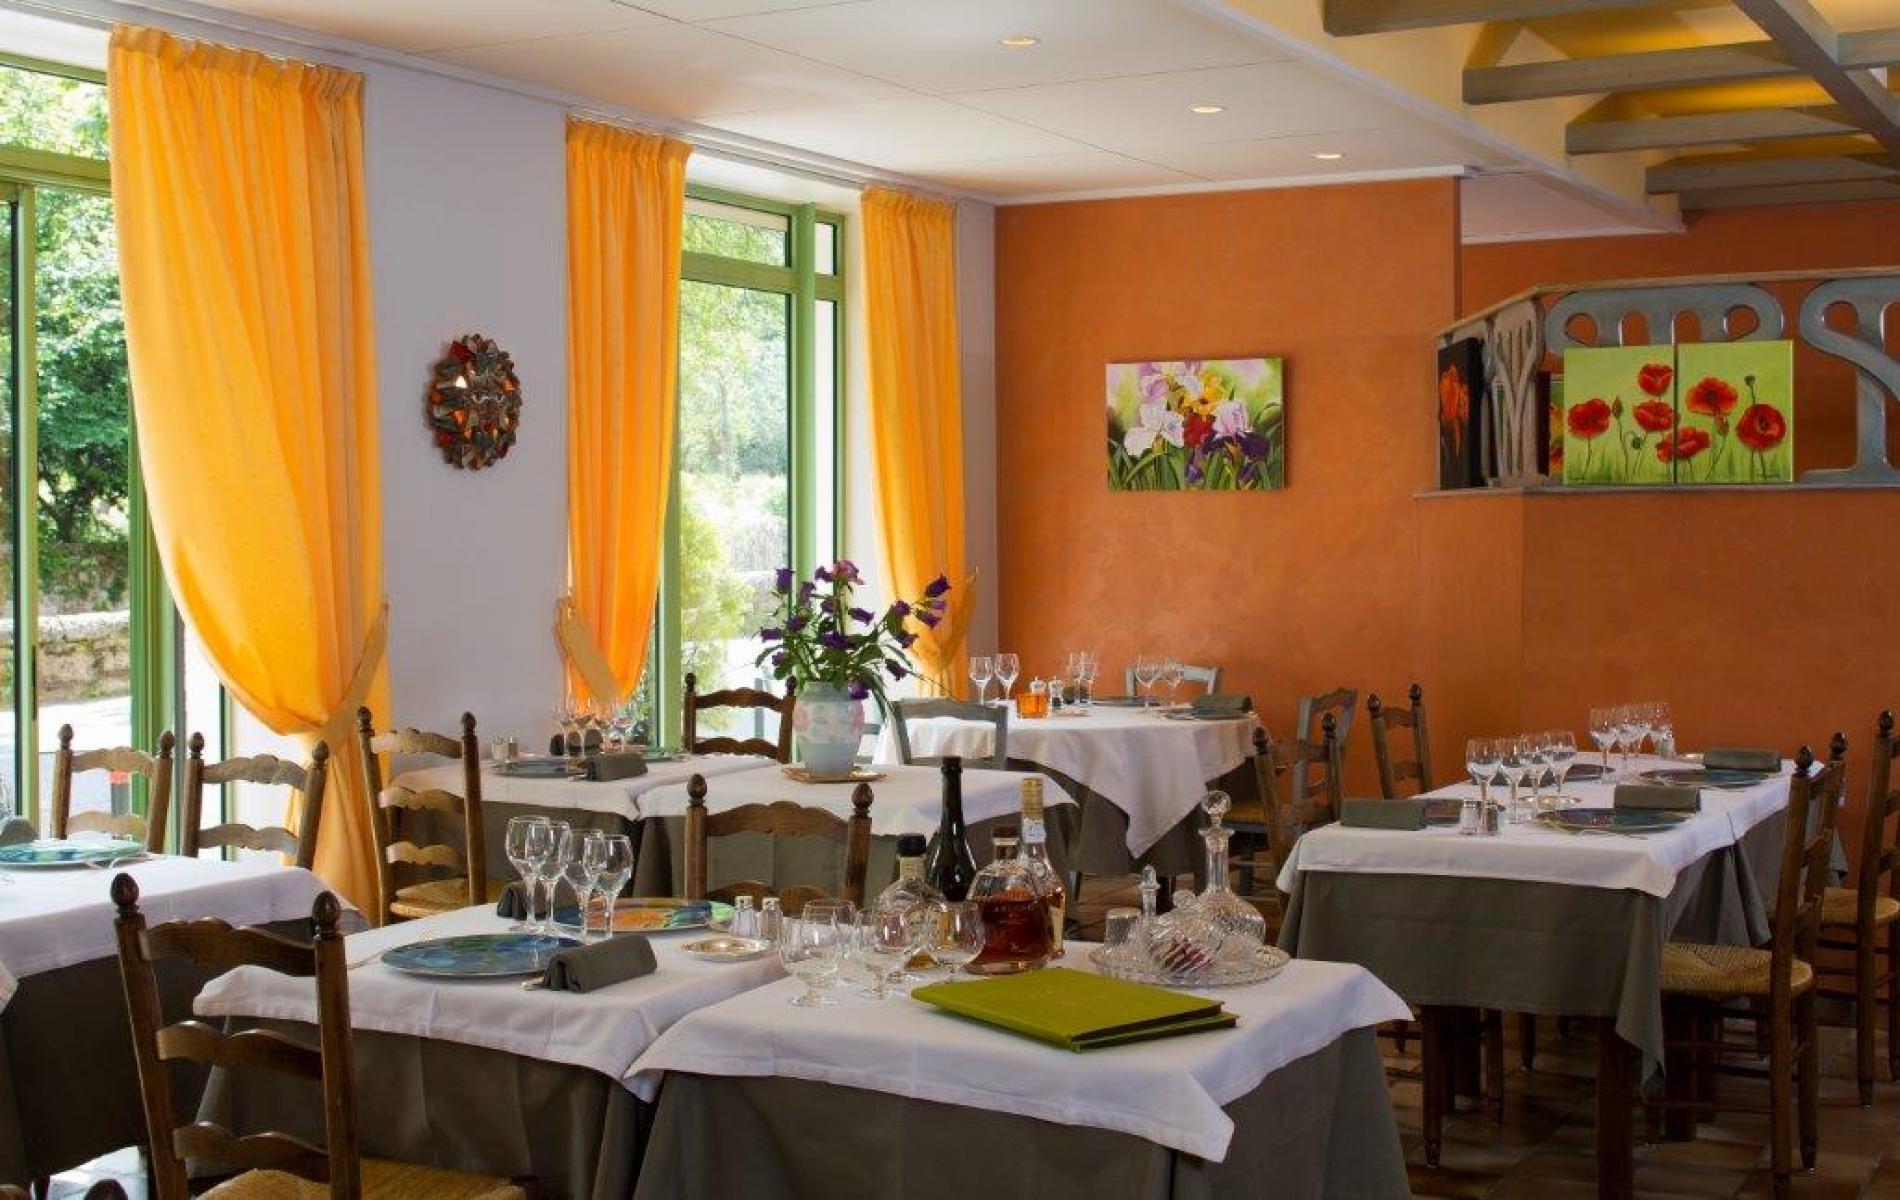 Le Restaurant et ses expositions temporaires d'artistes locaux